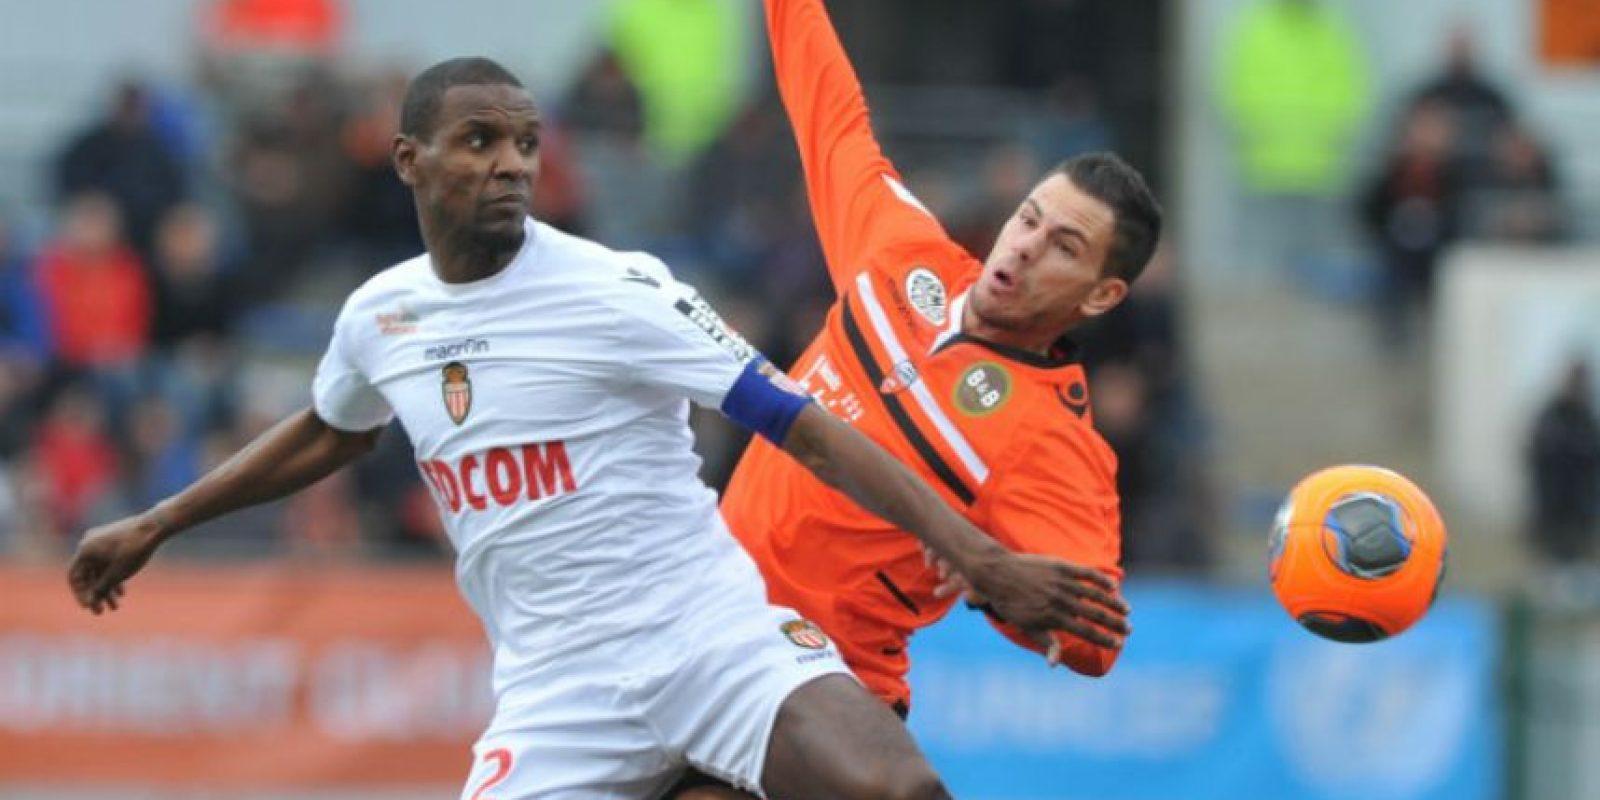 El jugador francés dejó el Barcelona en 2013, después se enfiló con el Mónaco y luego con el Olympiakos. Foto:AFP